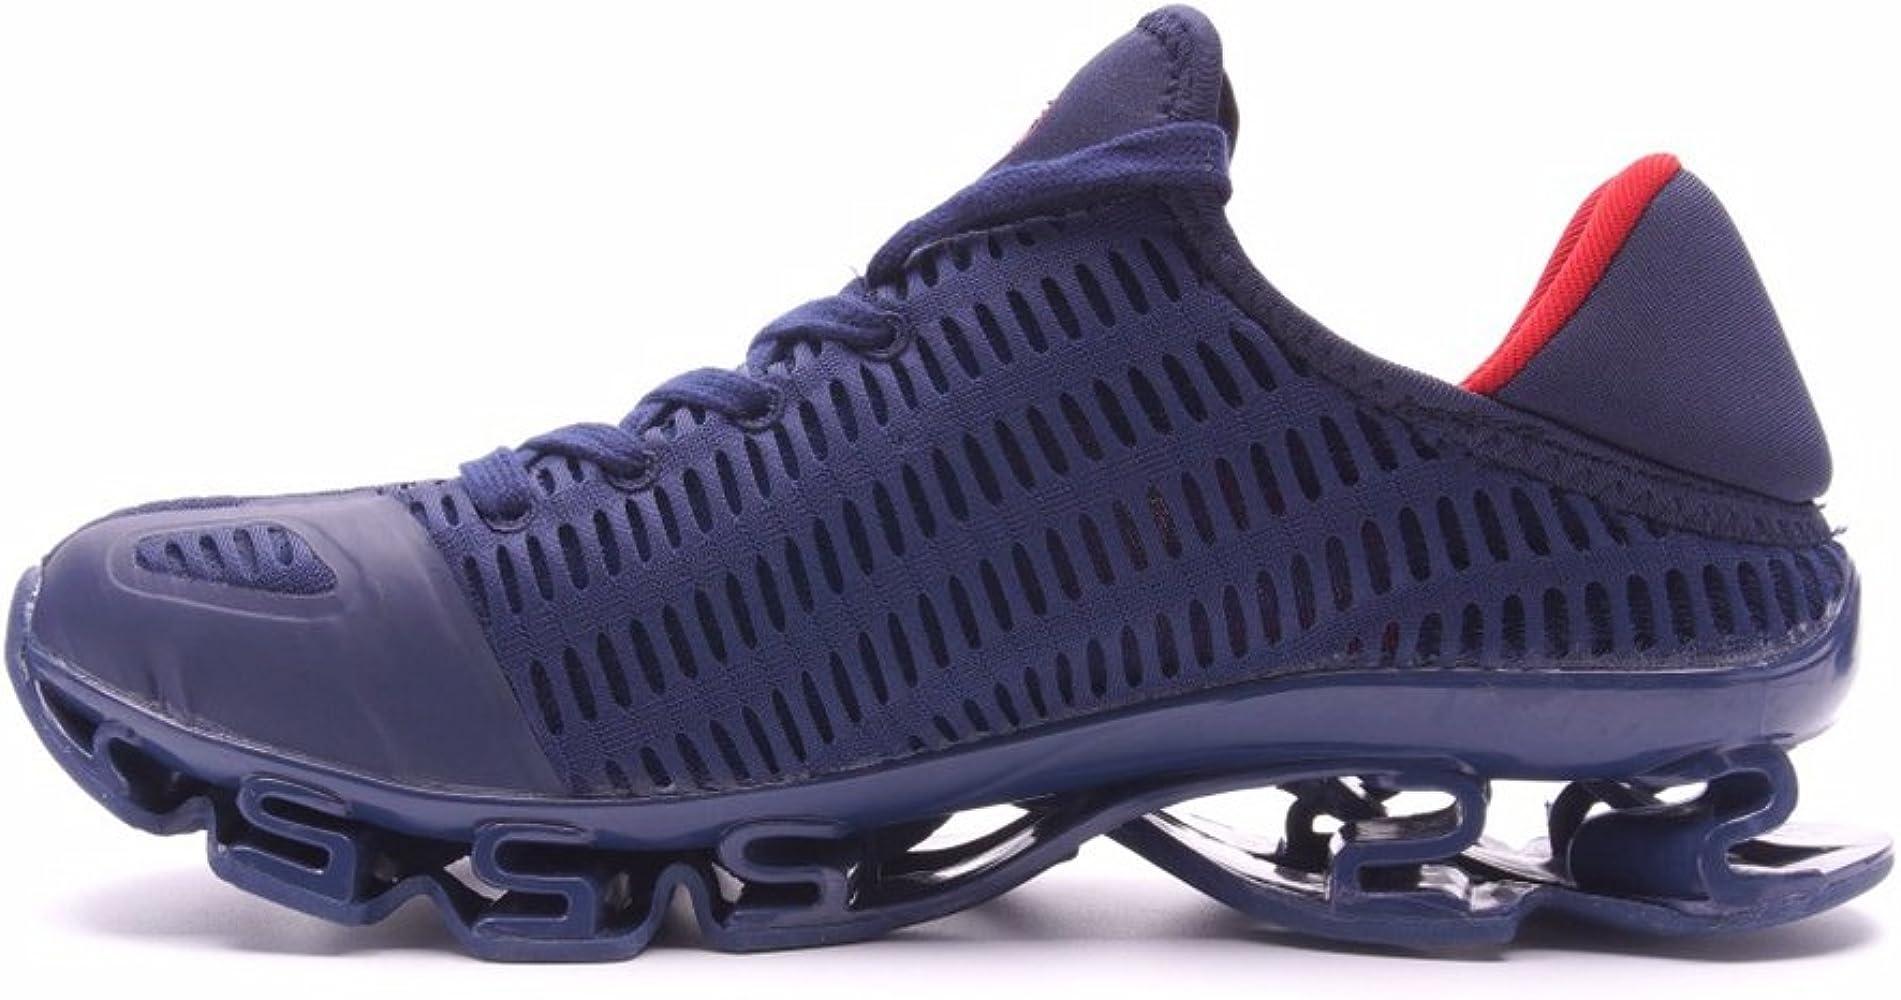 Hombres Running Zapatillas Deportivas Mujeres Adultas Suelas Deportivas Huecas Zapatillas De Superficie Inferior Antideslizante Net: Amazon.es: Zapatos y complementos